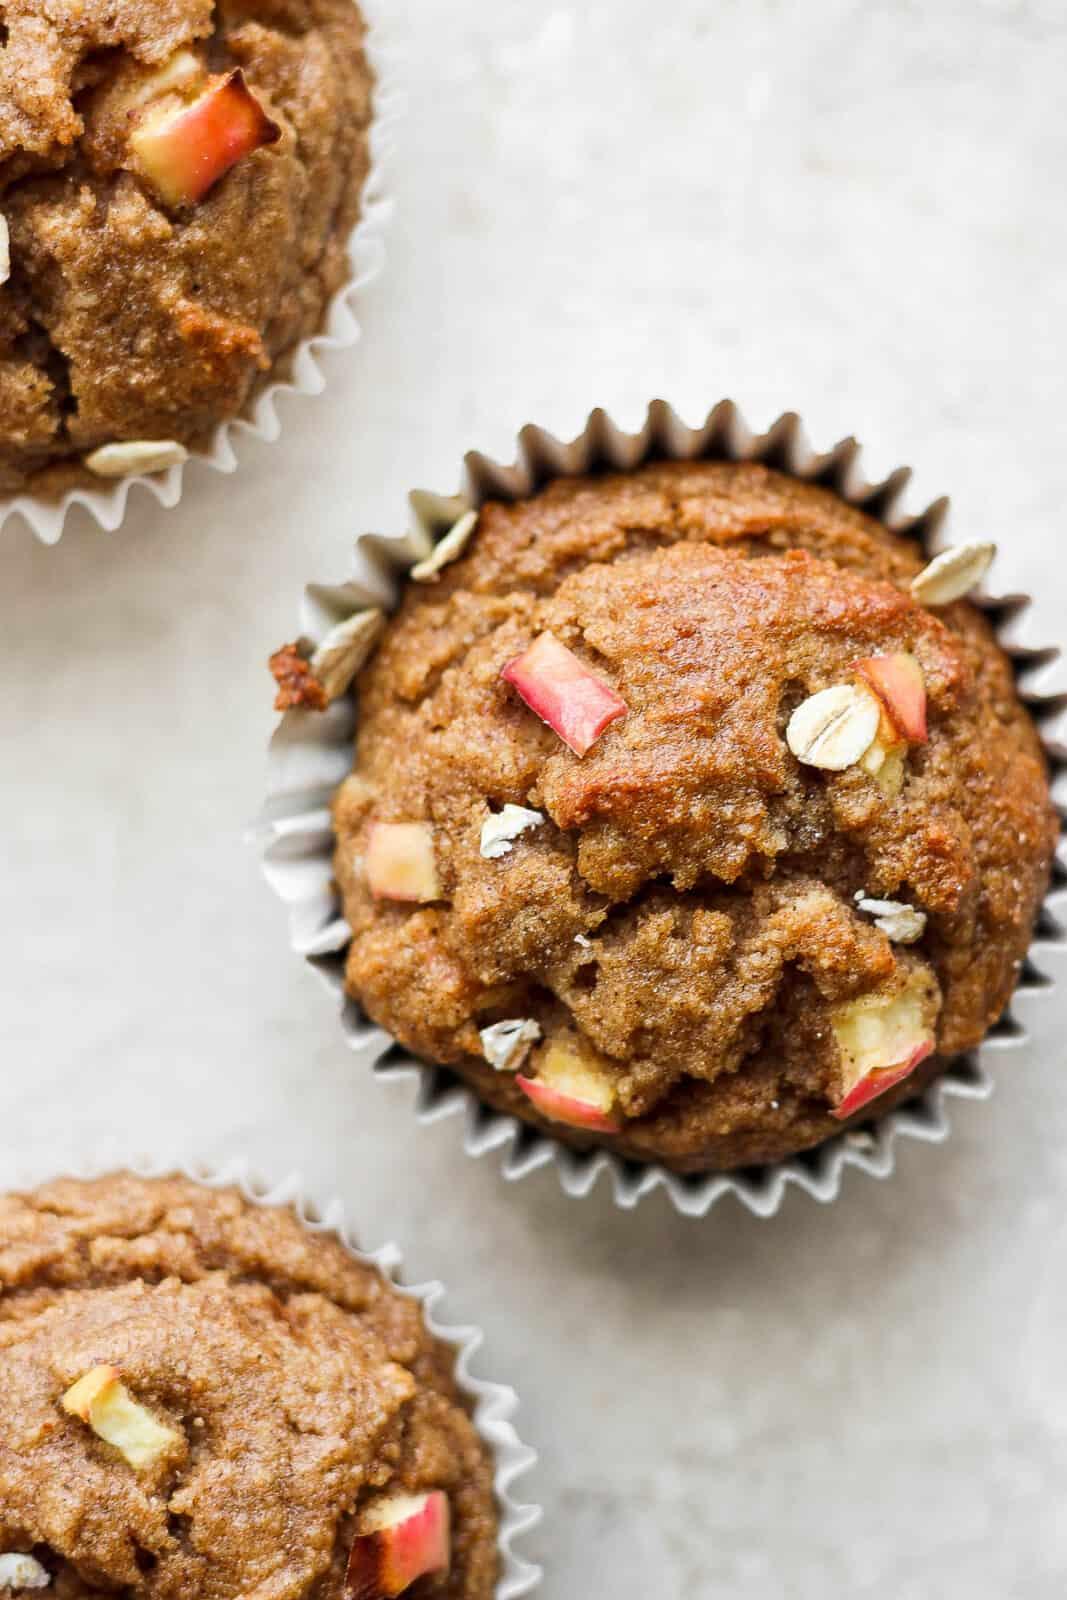 An apple cinnamon muffin.